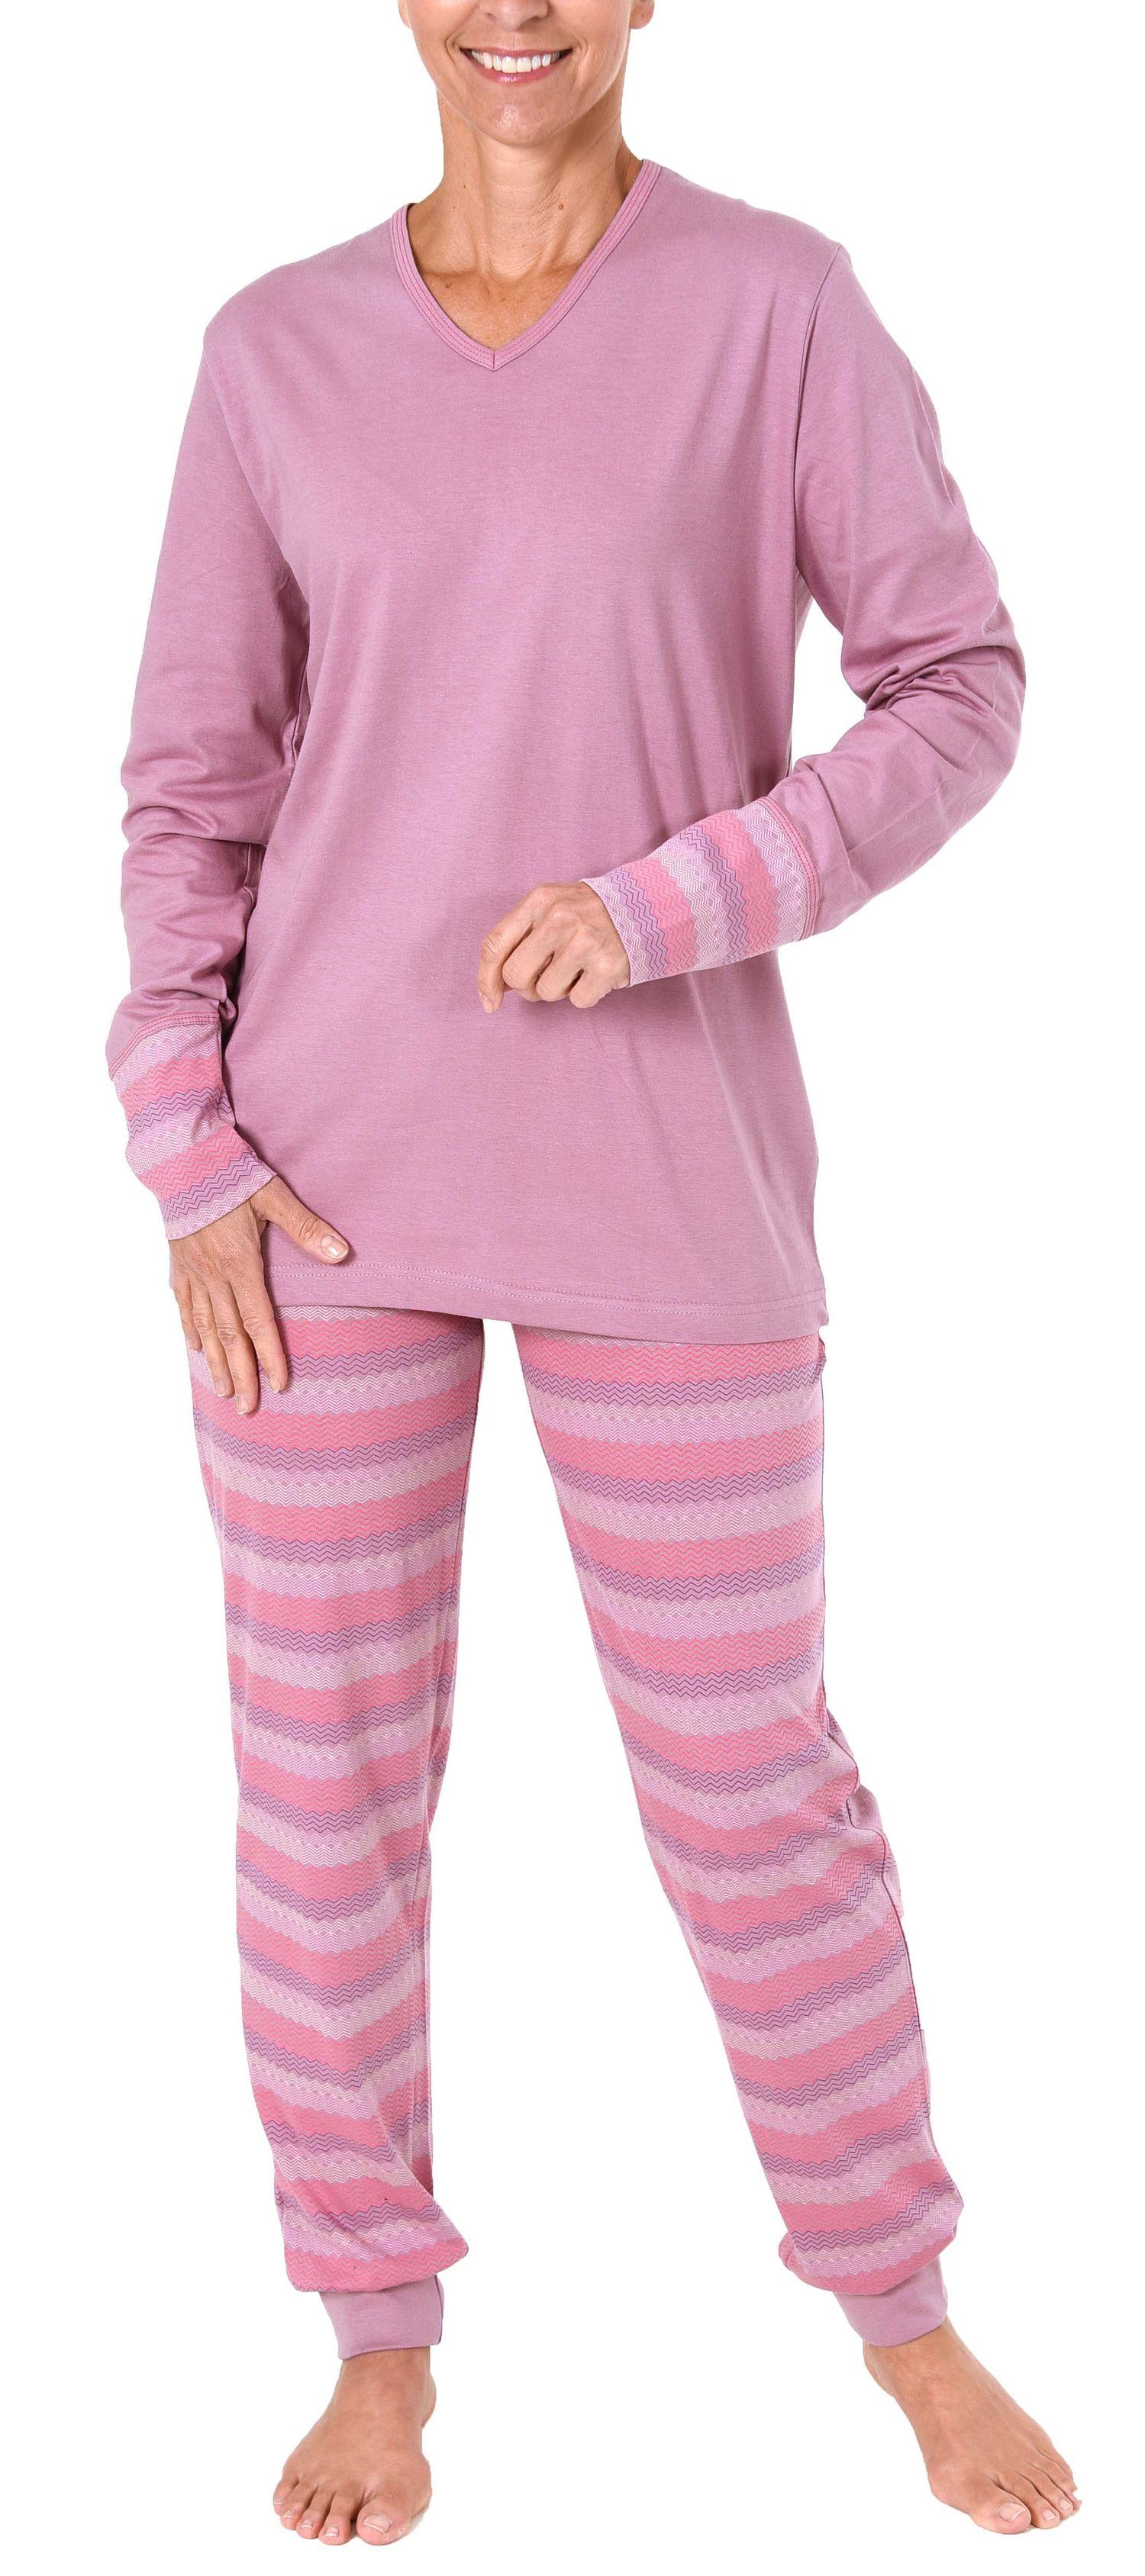 Cooler Damen Pyjama lang mit Bündchen - auch in Übergrössen bis 60/62 - 281 201 90 106 – Bild 2